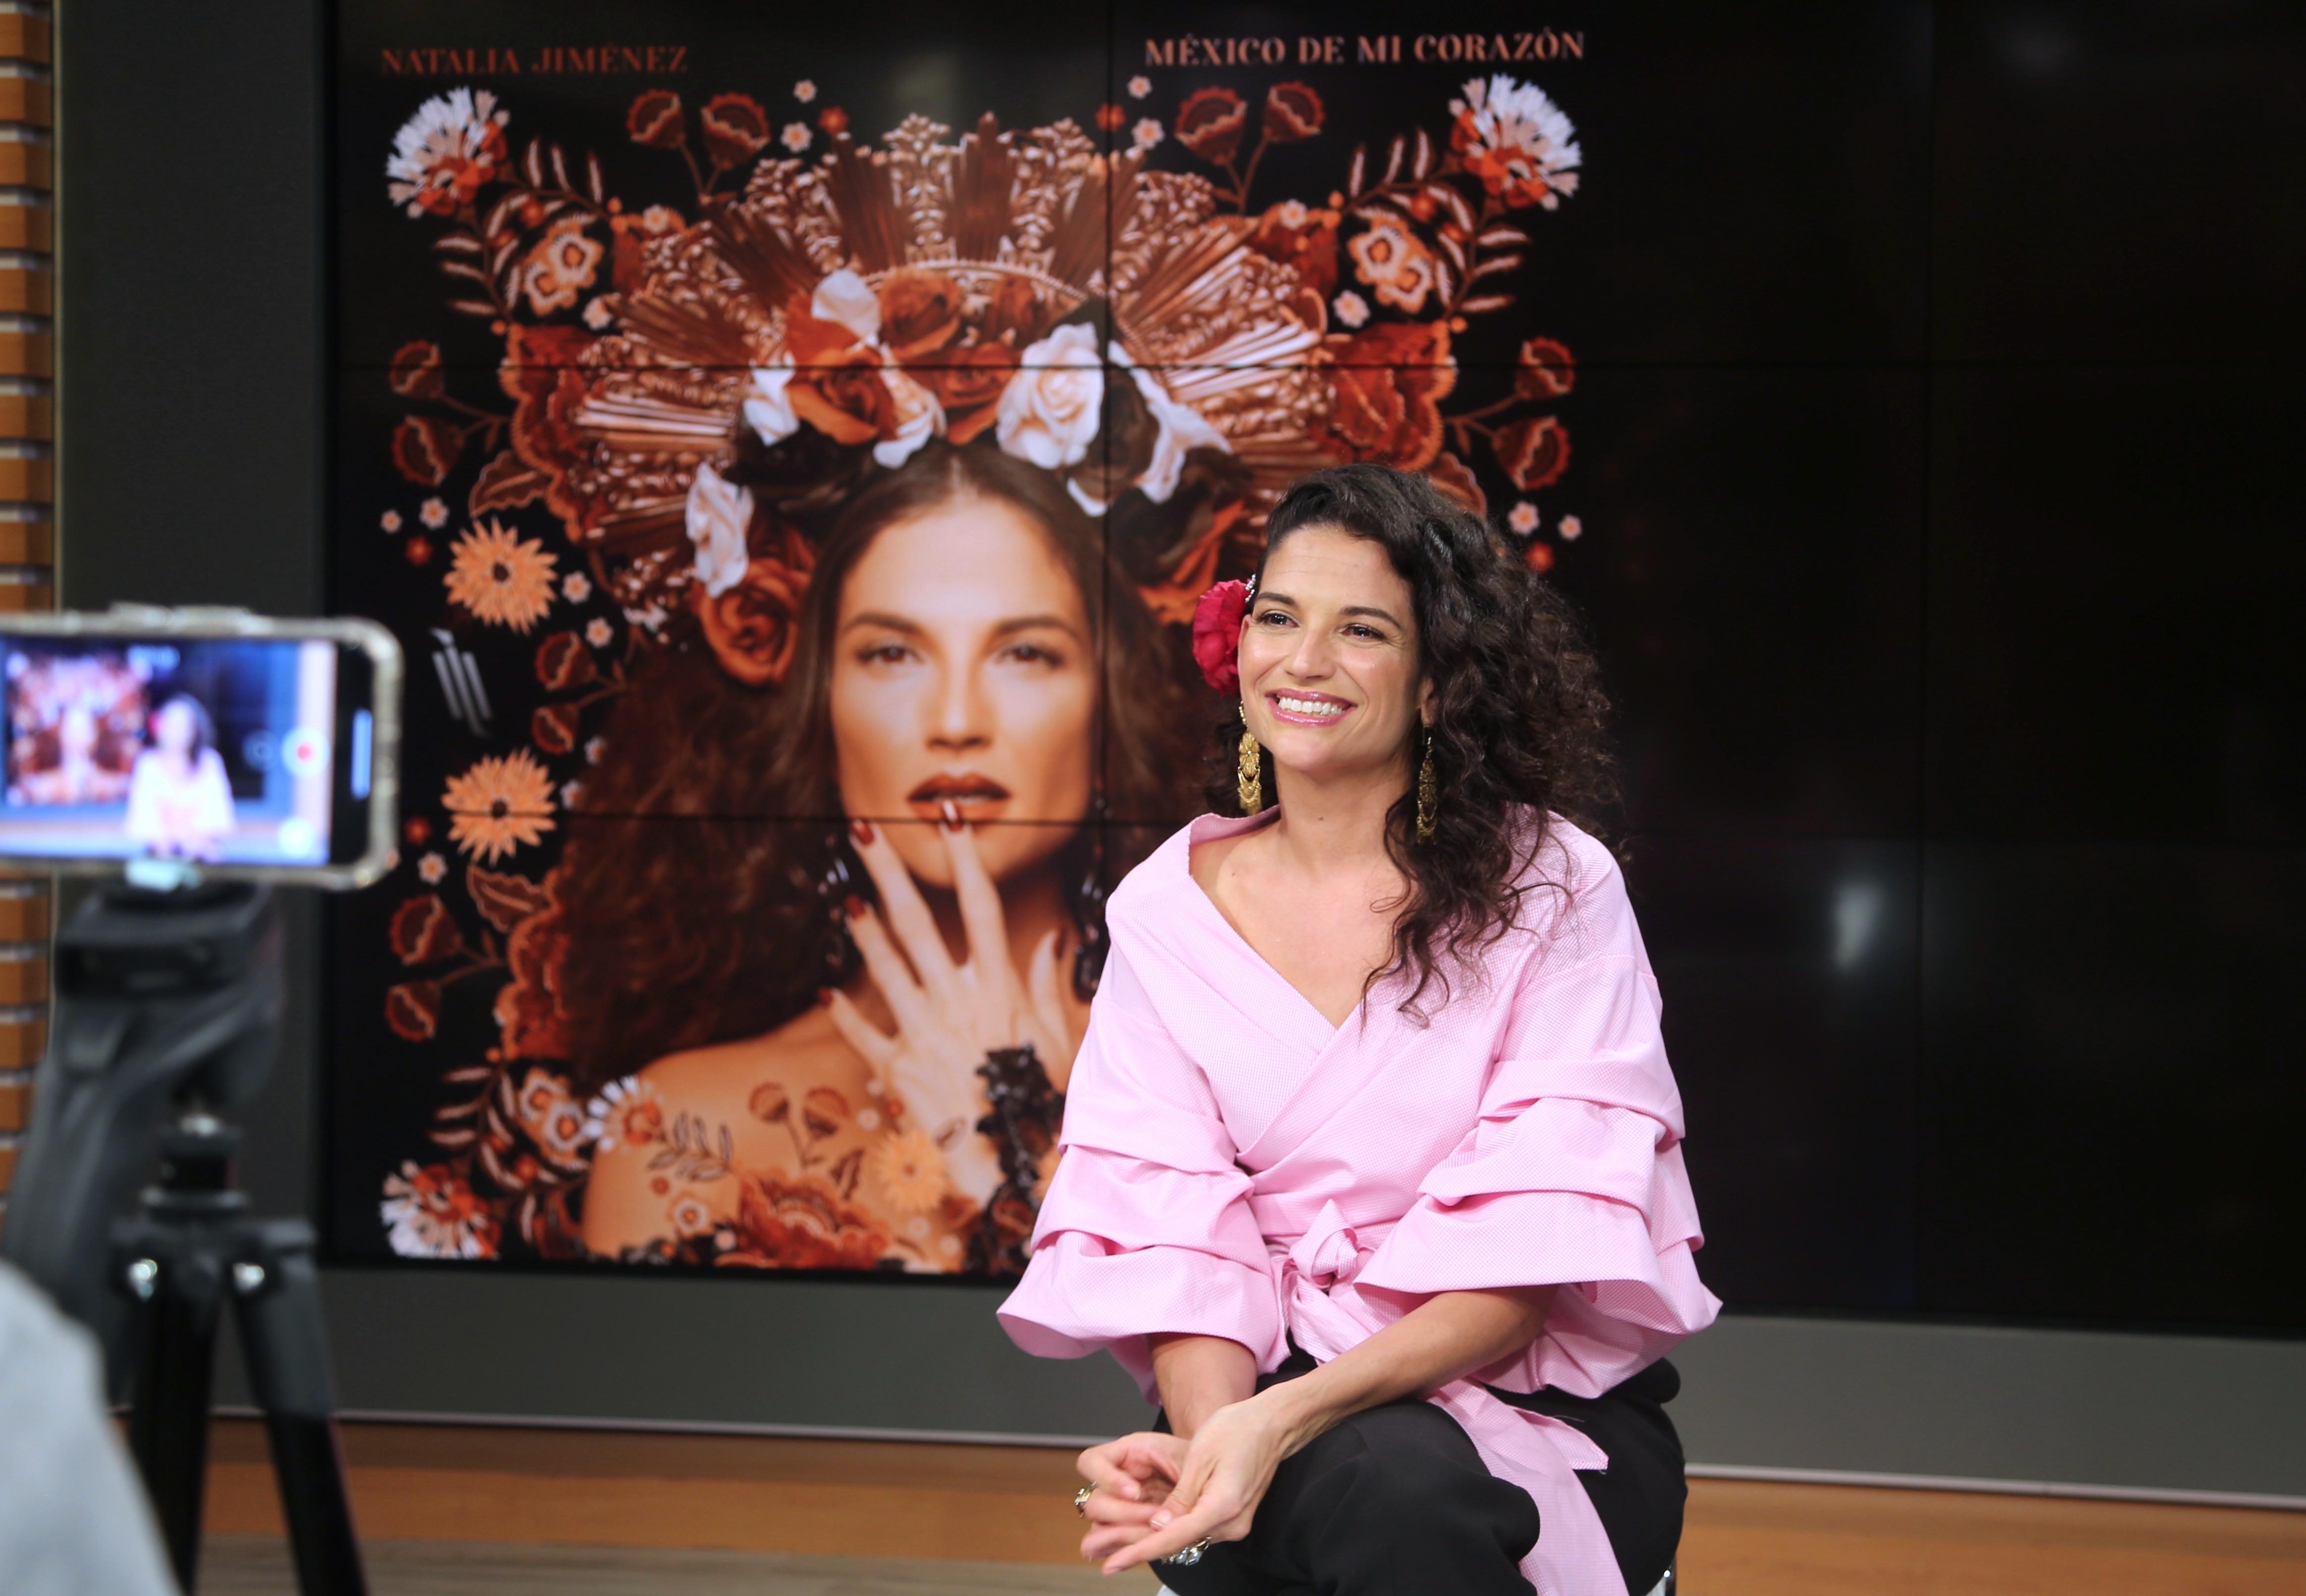 Natalia Jiménez promo nuevo disco México de mi corazón.